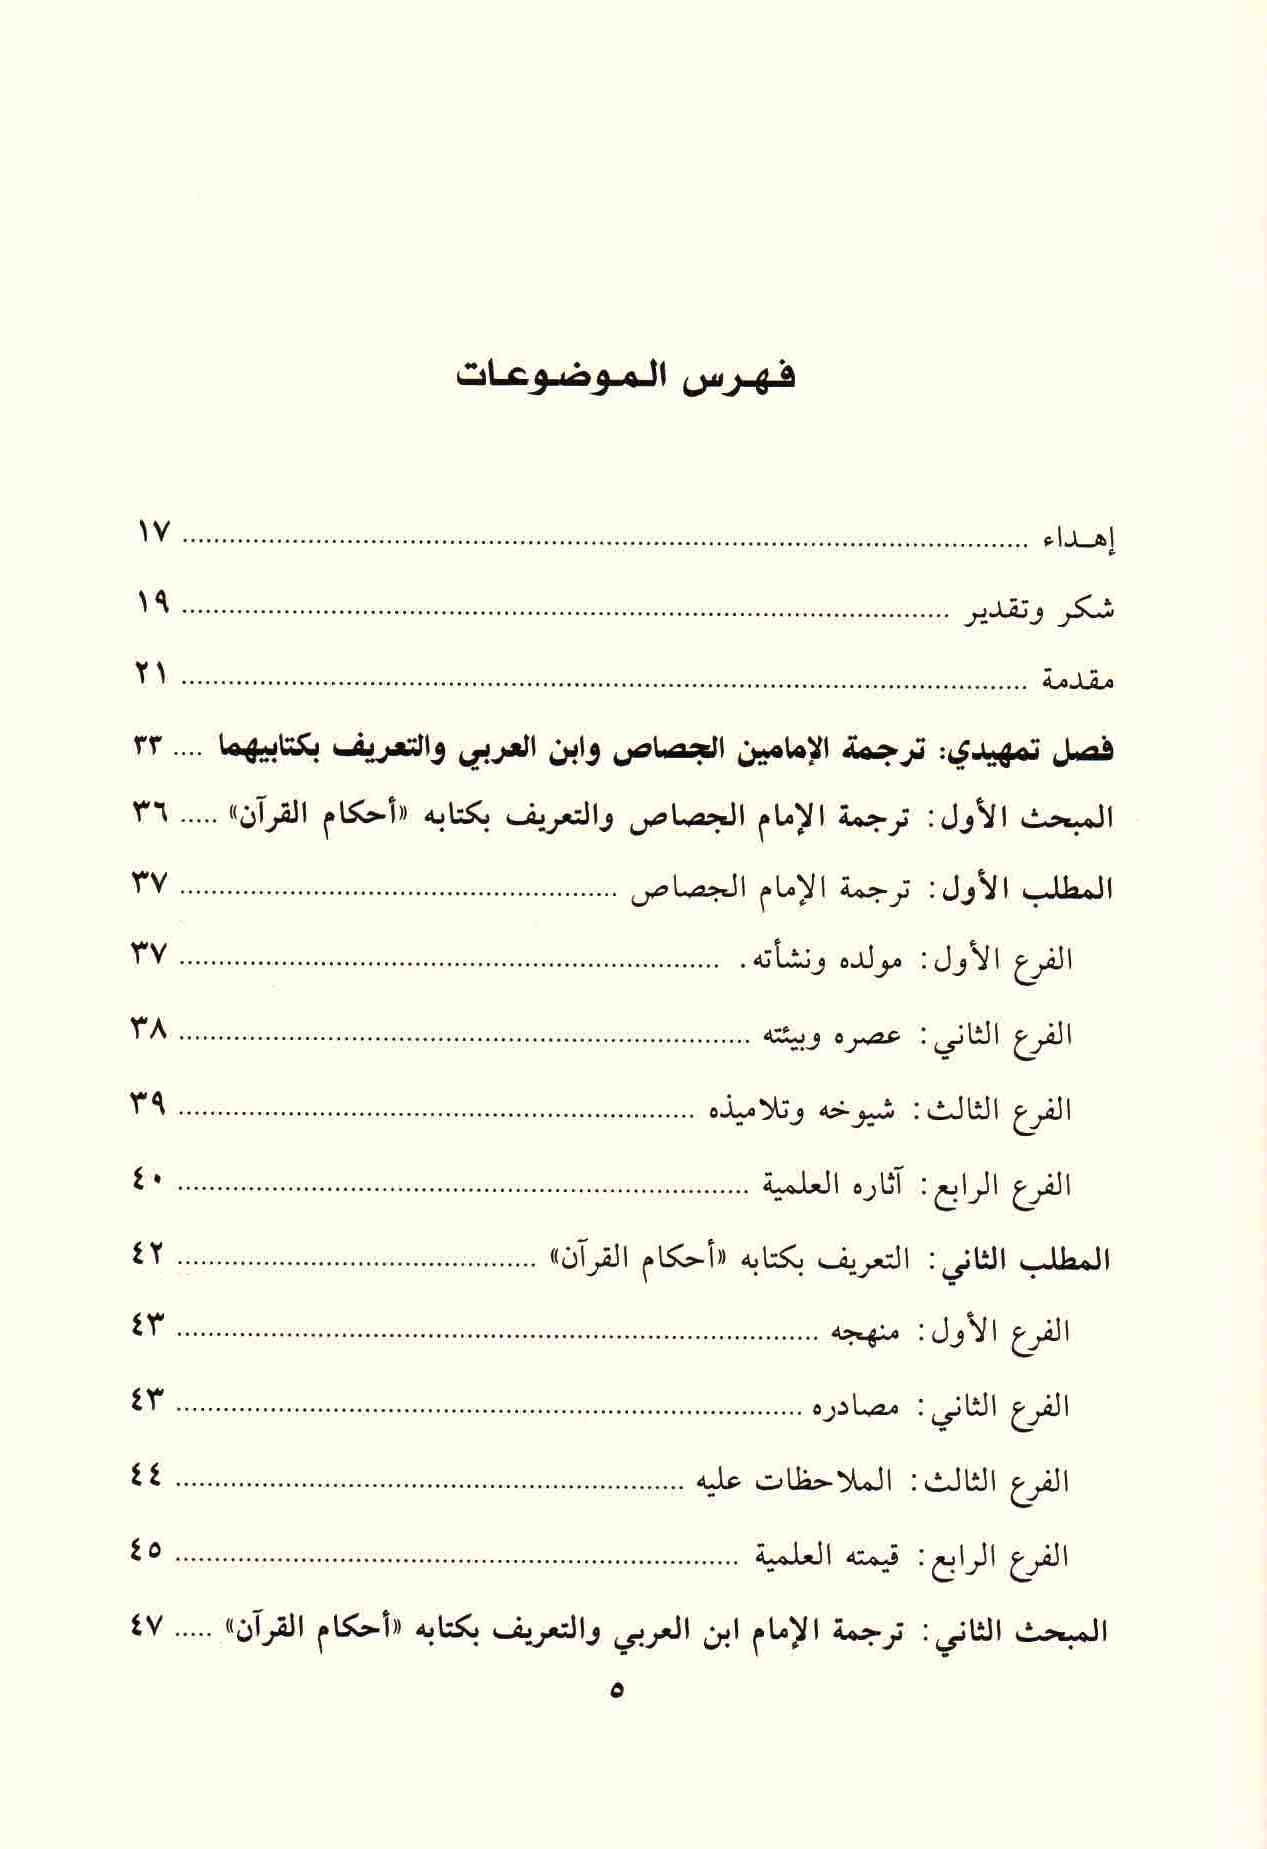 ص 5 محتويات كتاب التفسير المصلحي